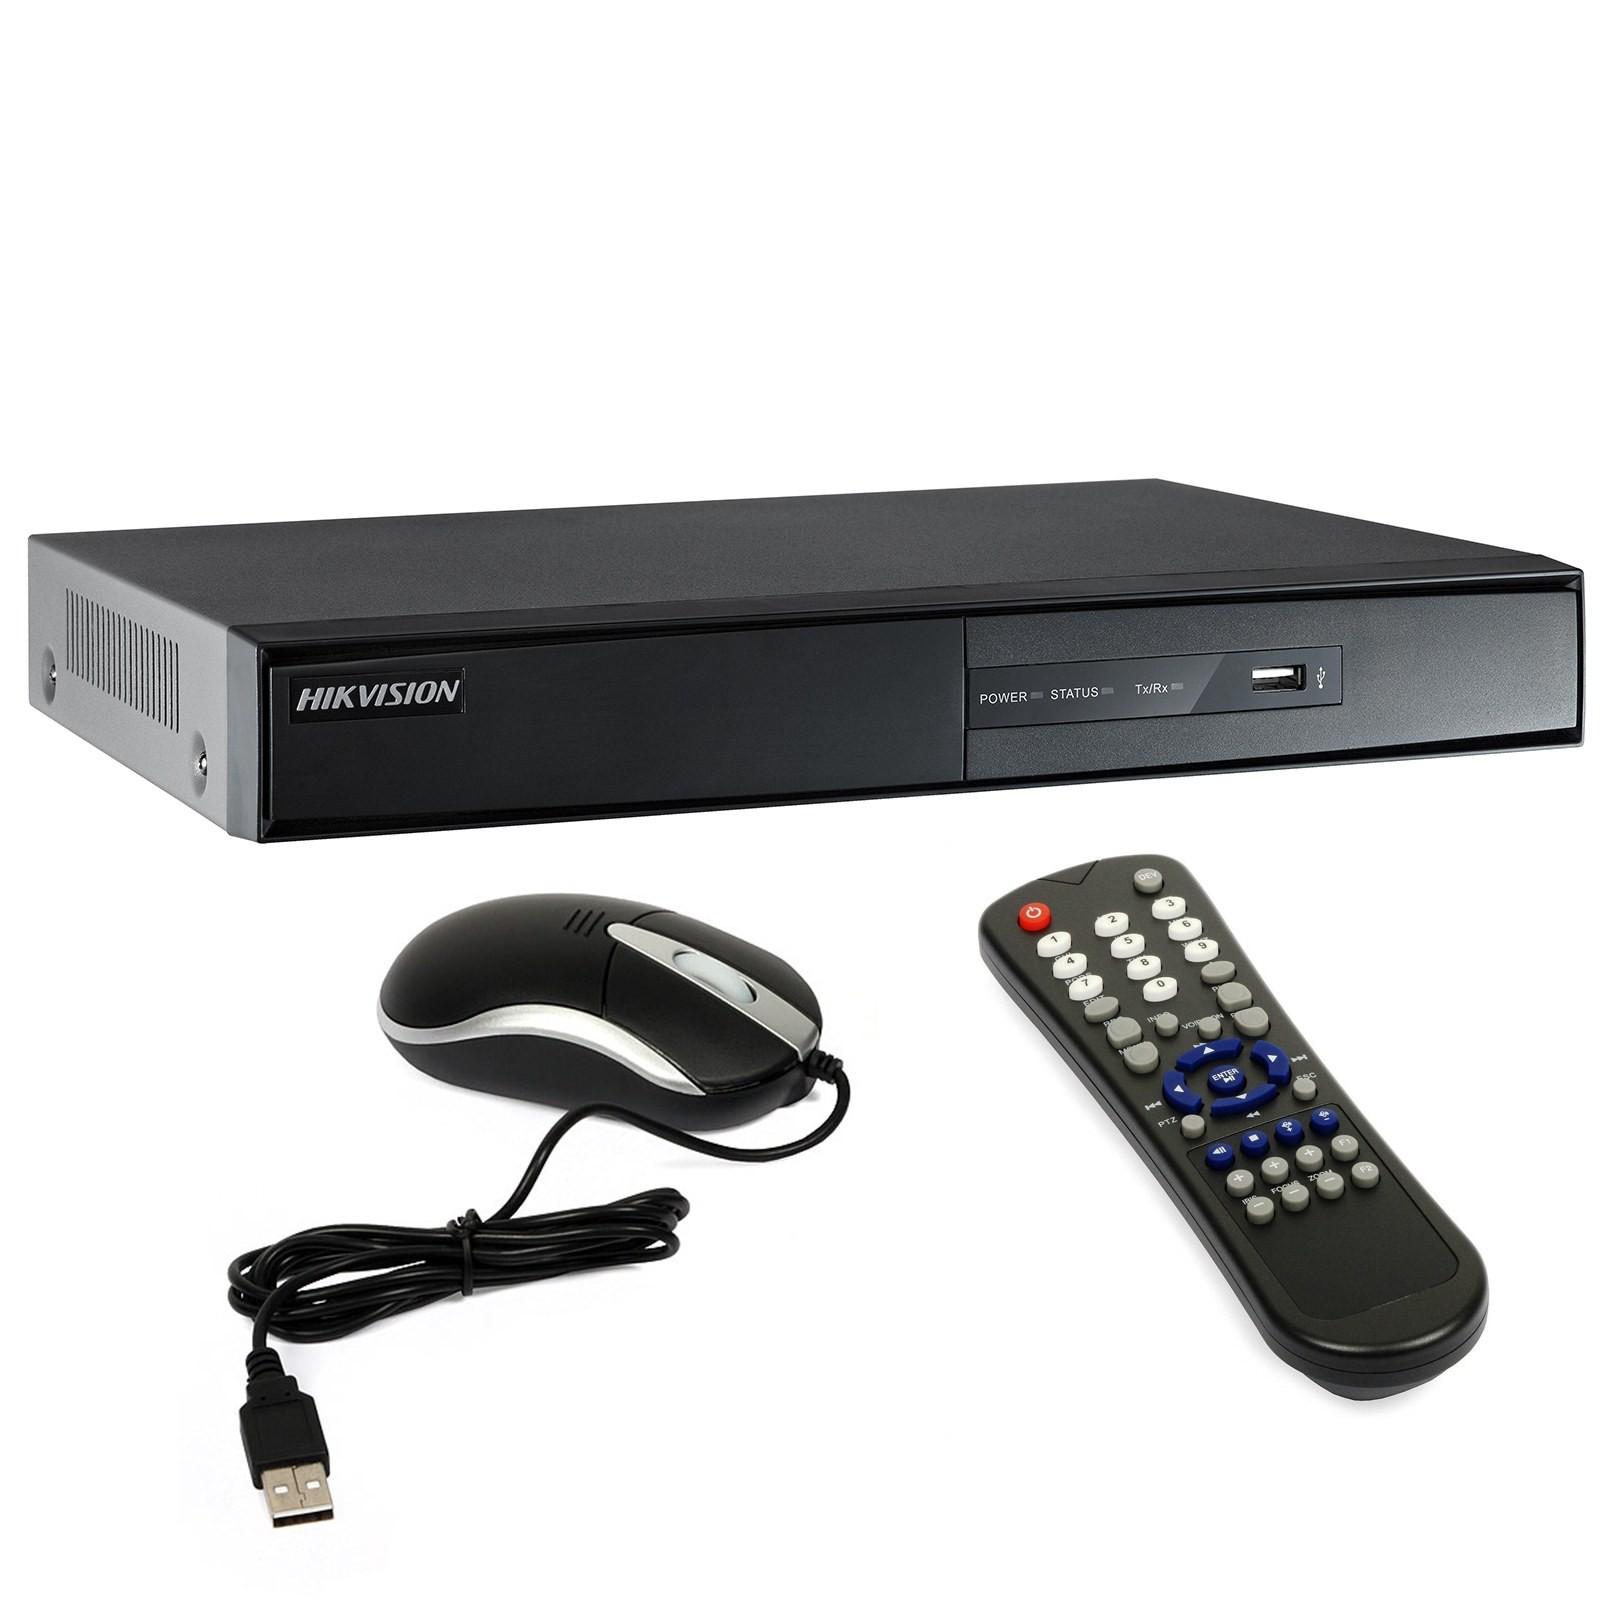 Dvr 8 CH Canali Videosorveglianza H264 HD HDMI LAN VGA USB Telecamere HIKVISION